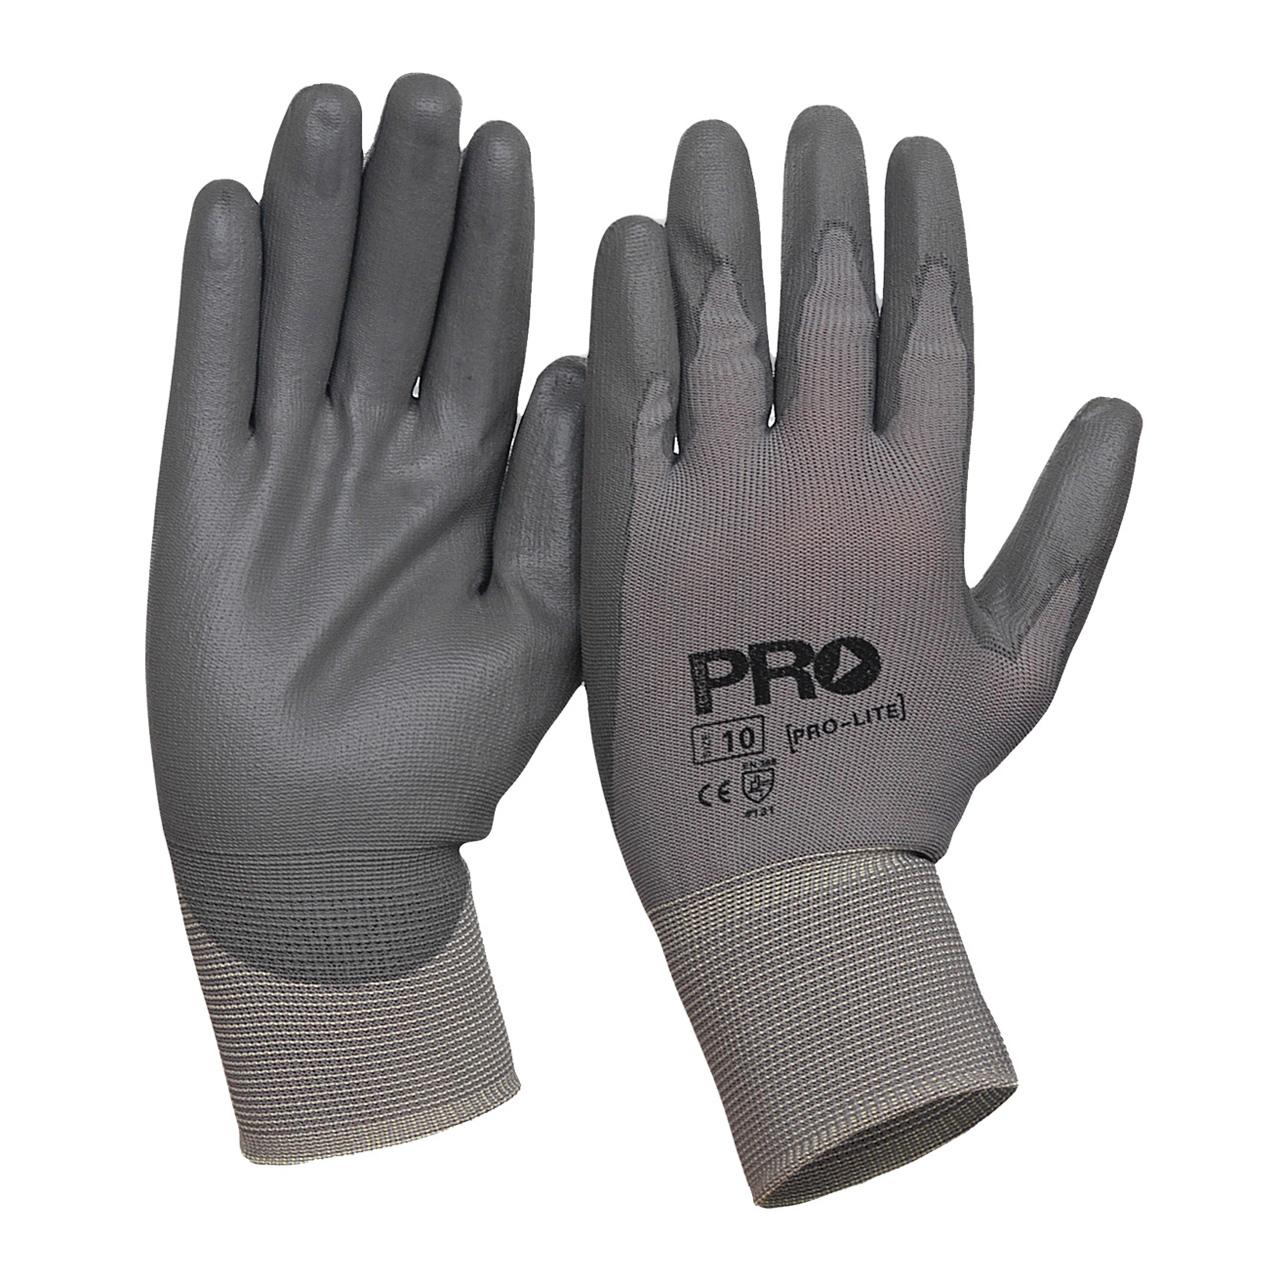 Specquip_Safety_Gloves721280JPG